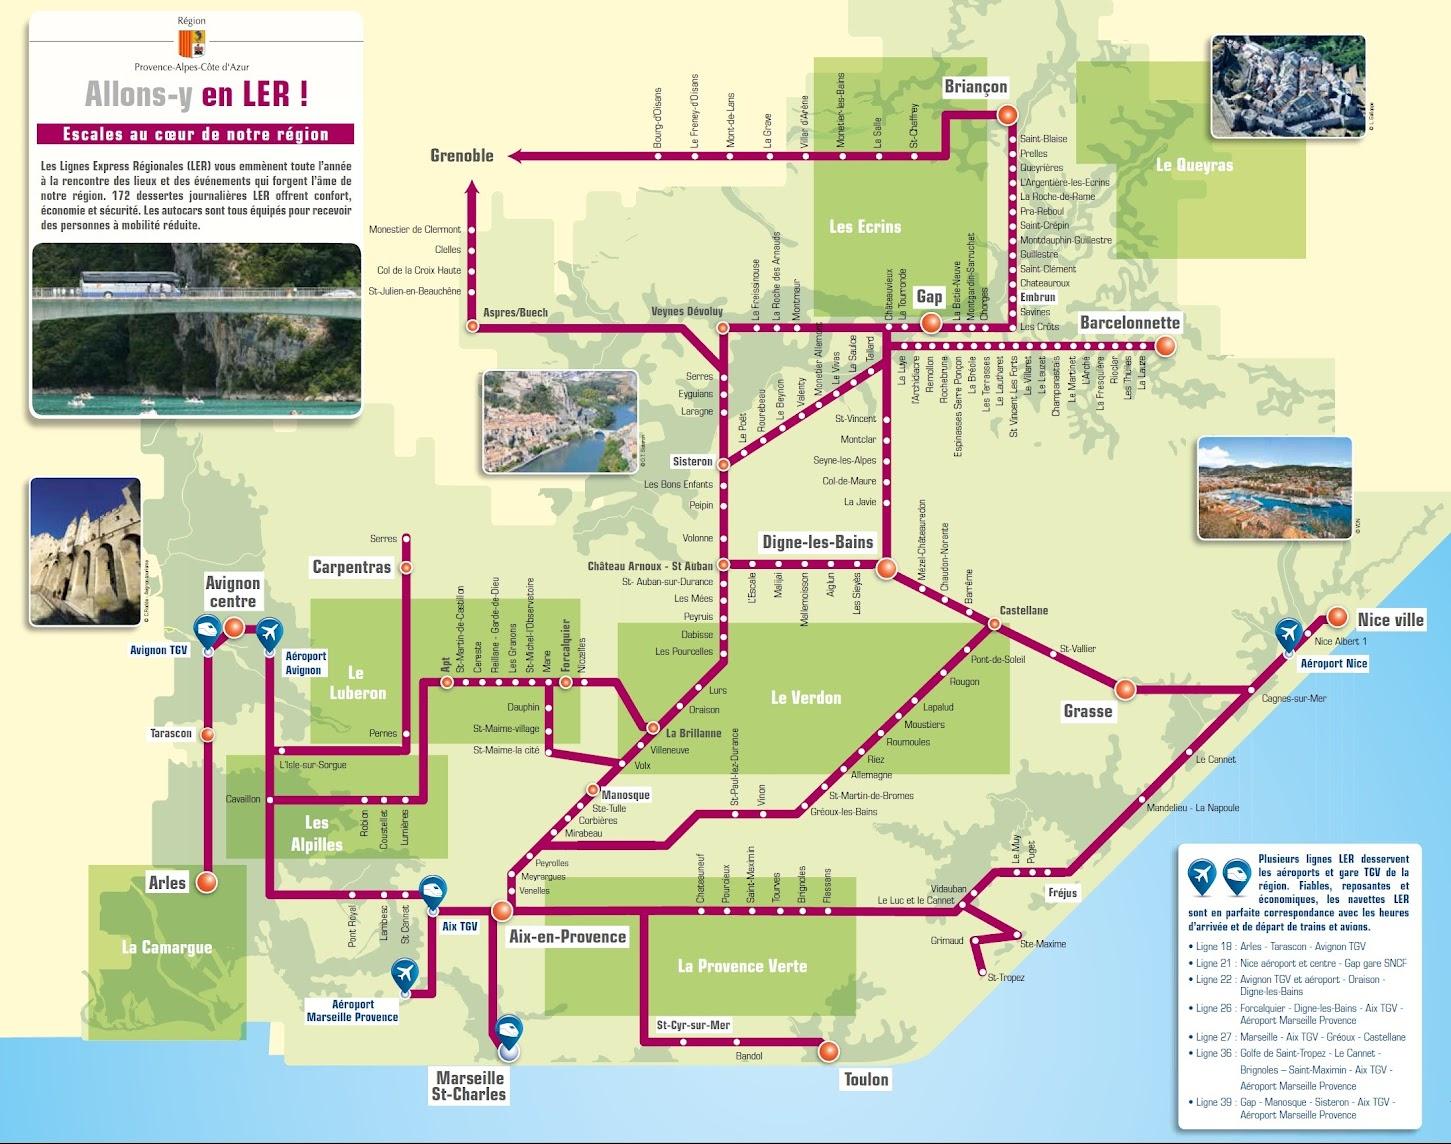 Автобусы Прованса - Автобусы на дальние дистанции - LER (Lignes Express Régionales —LER)